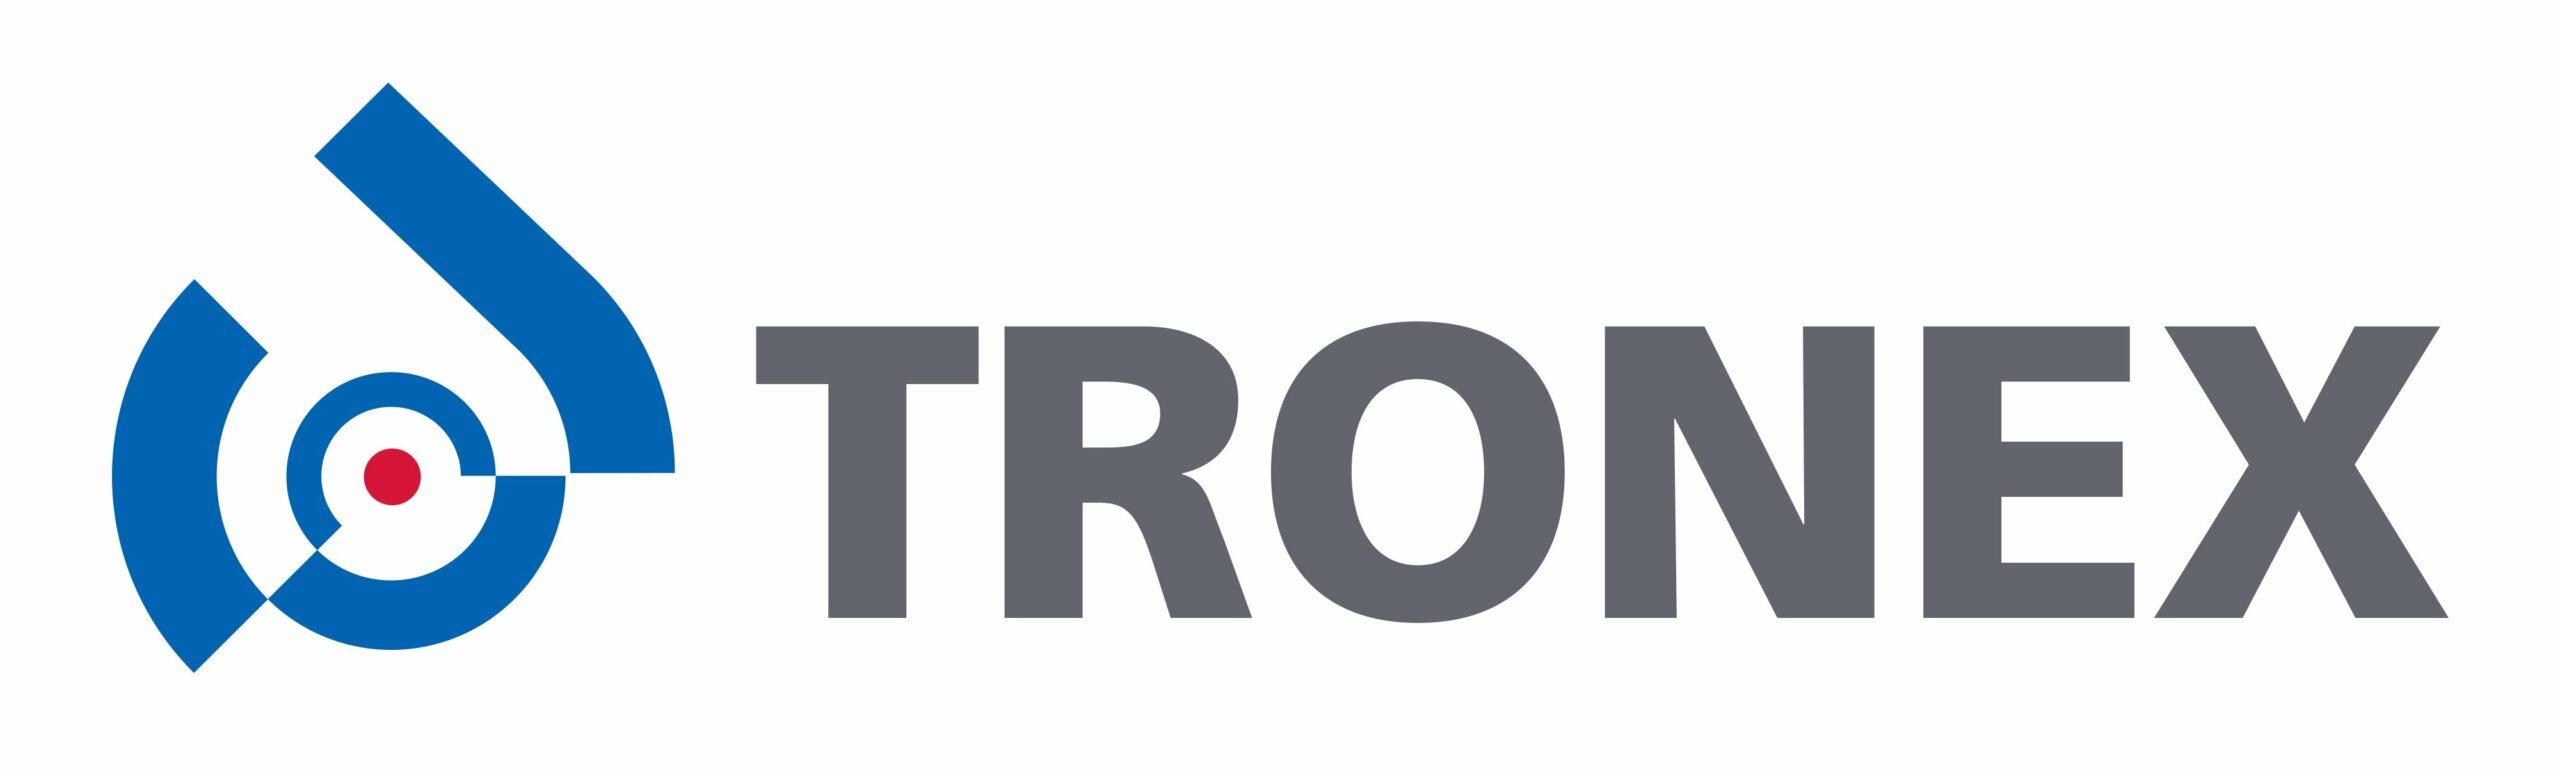 Tronex GmbH - Wasserschadensanierung, Leckortung und Schimmelentfernung seit über 30 Jahren.